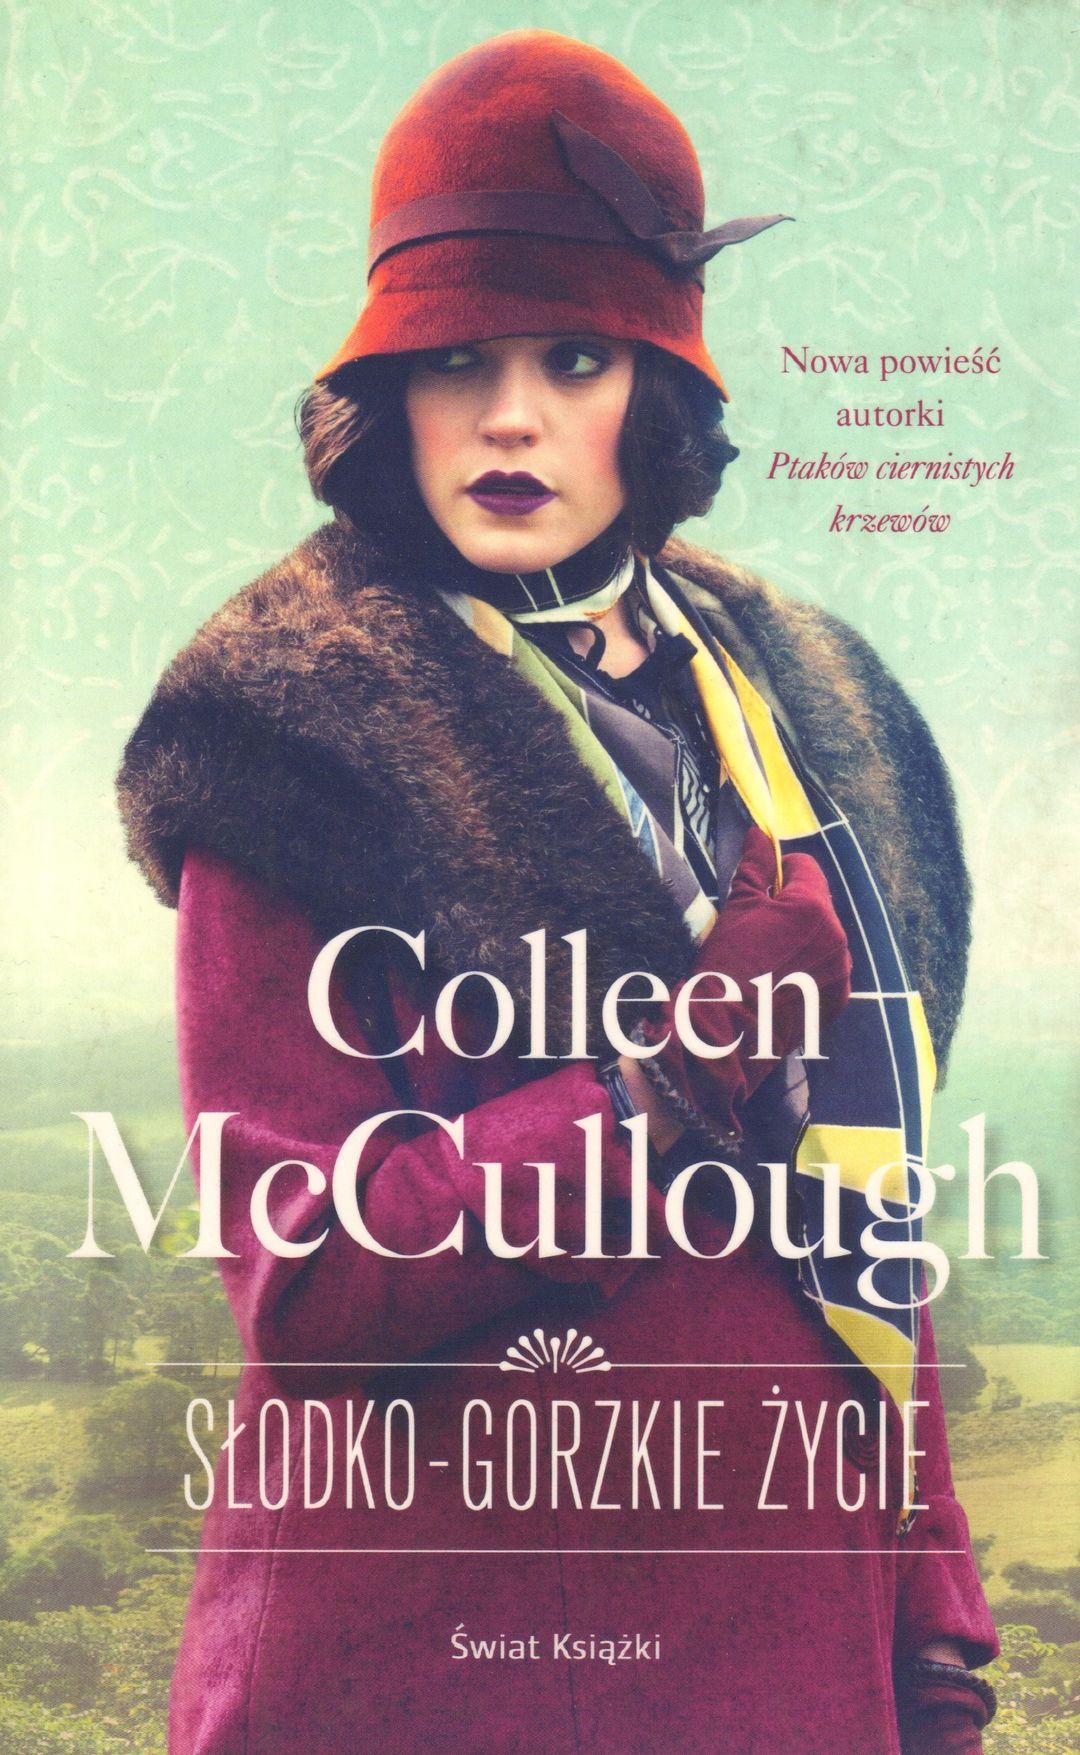 McCullough Colleen – Słodko Gorzkie życie